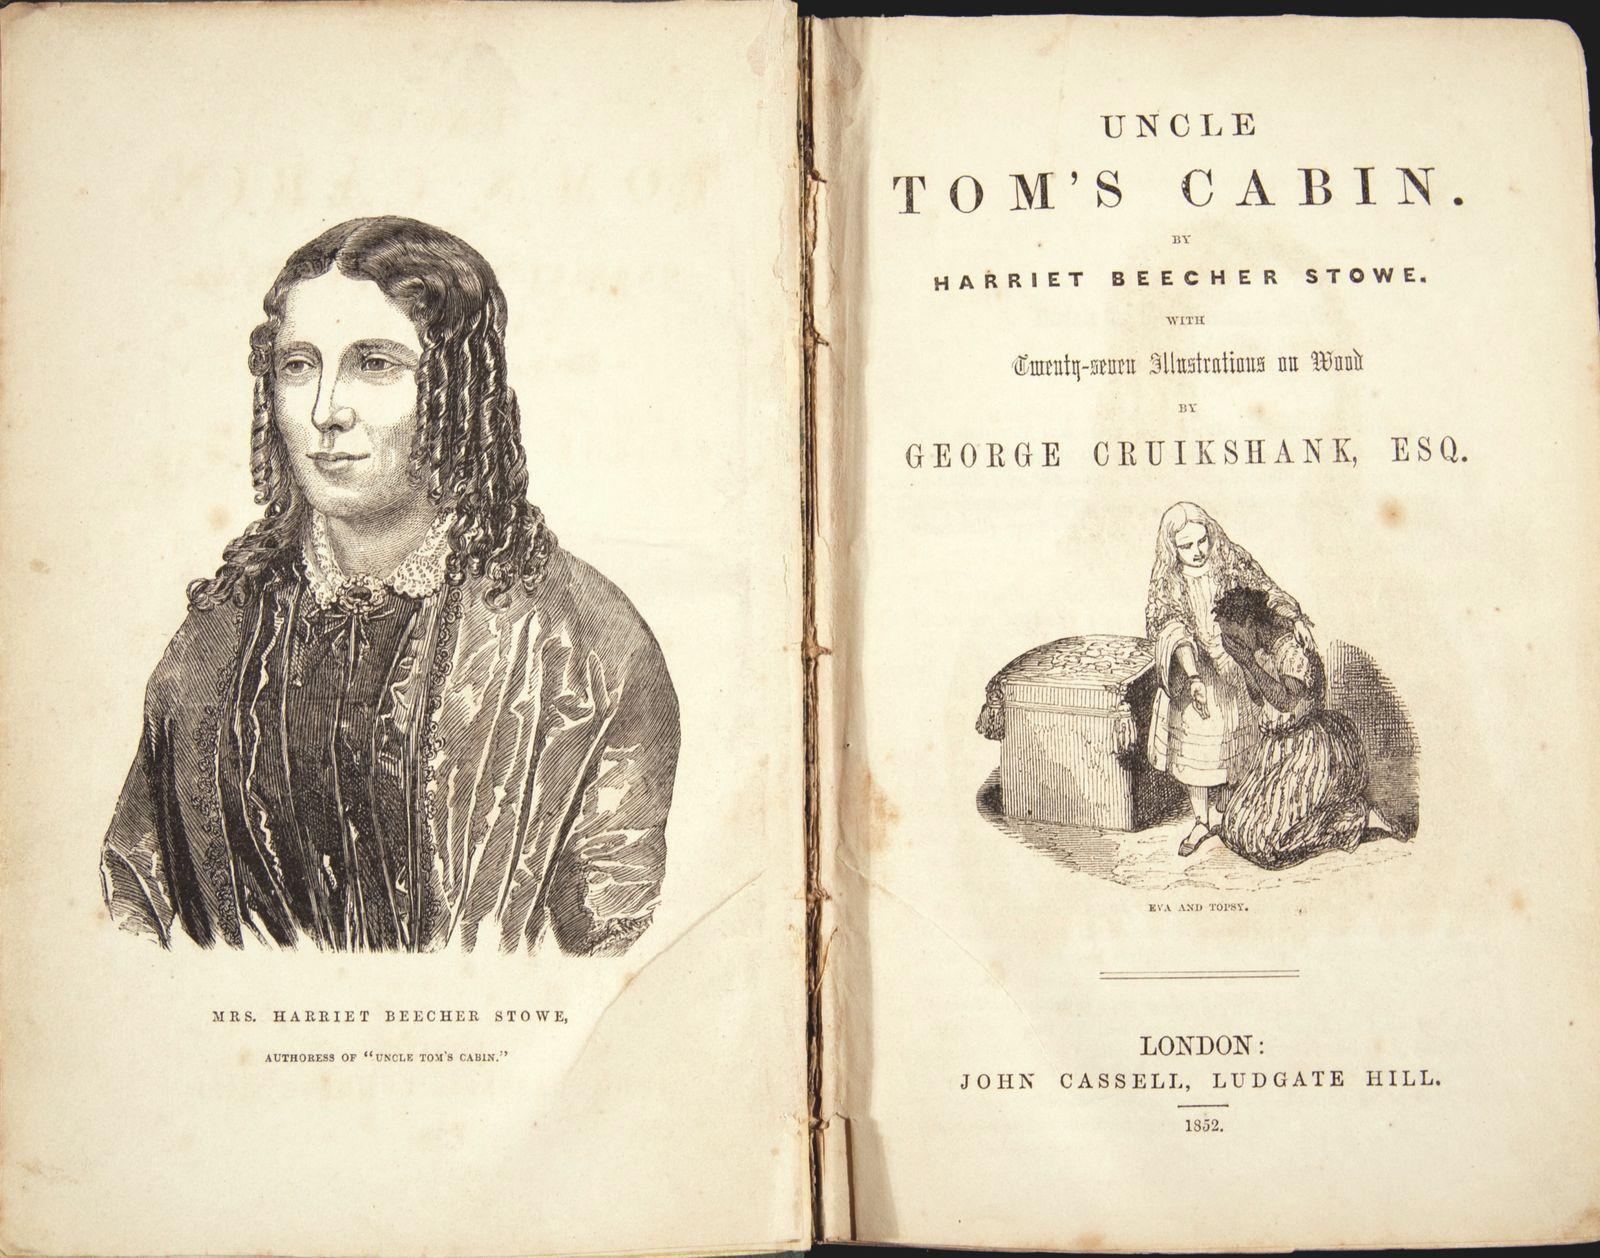 Harriet Beecher Stowe. Frontispiece Of Uncle Toms Cabin,